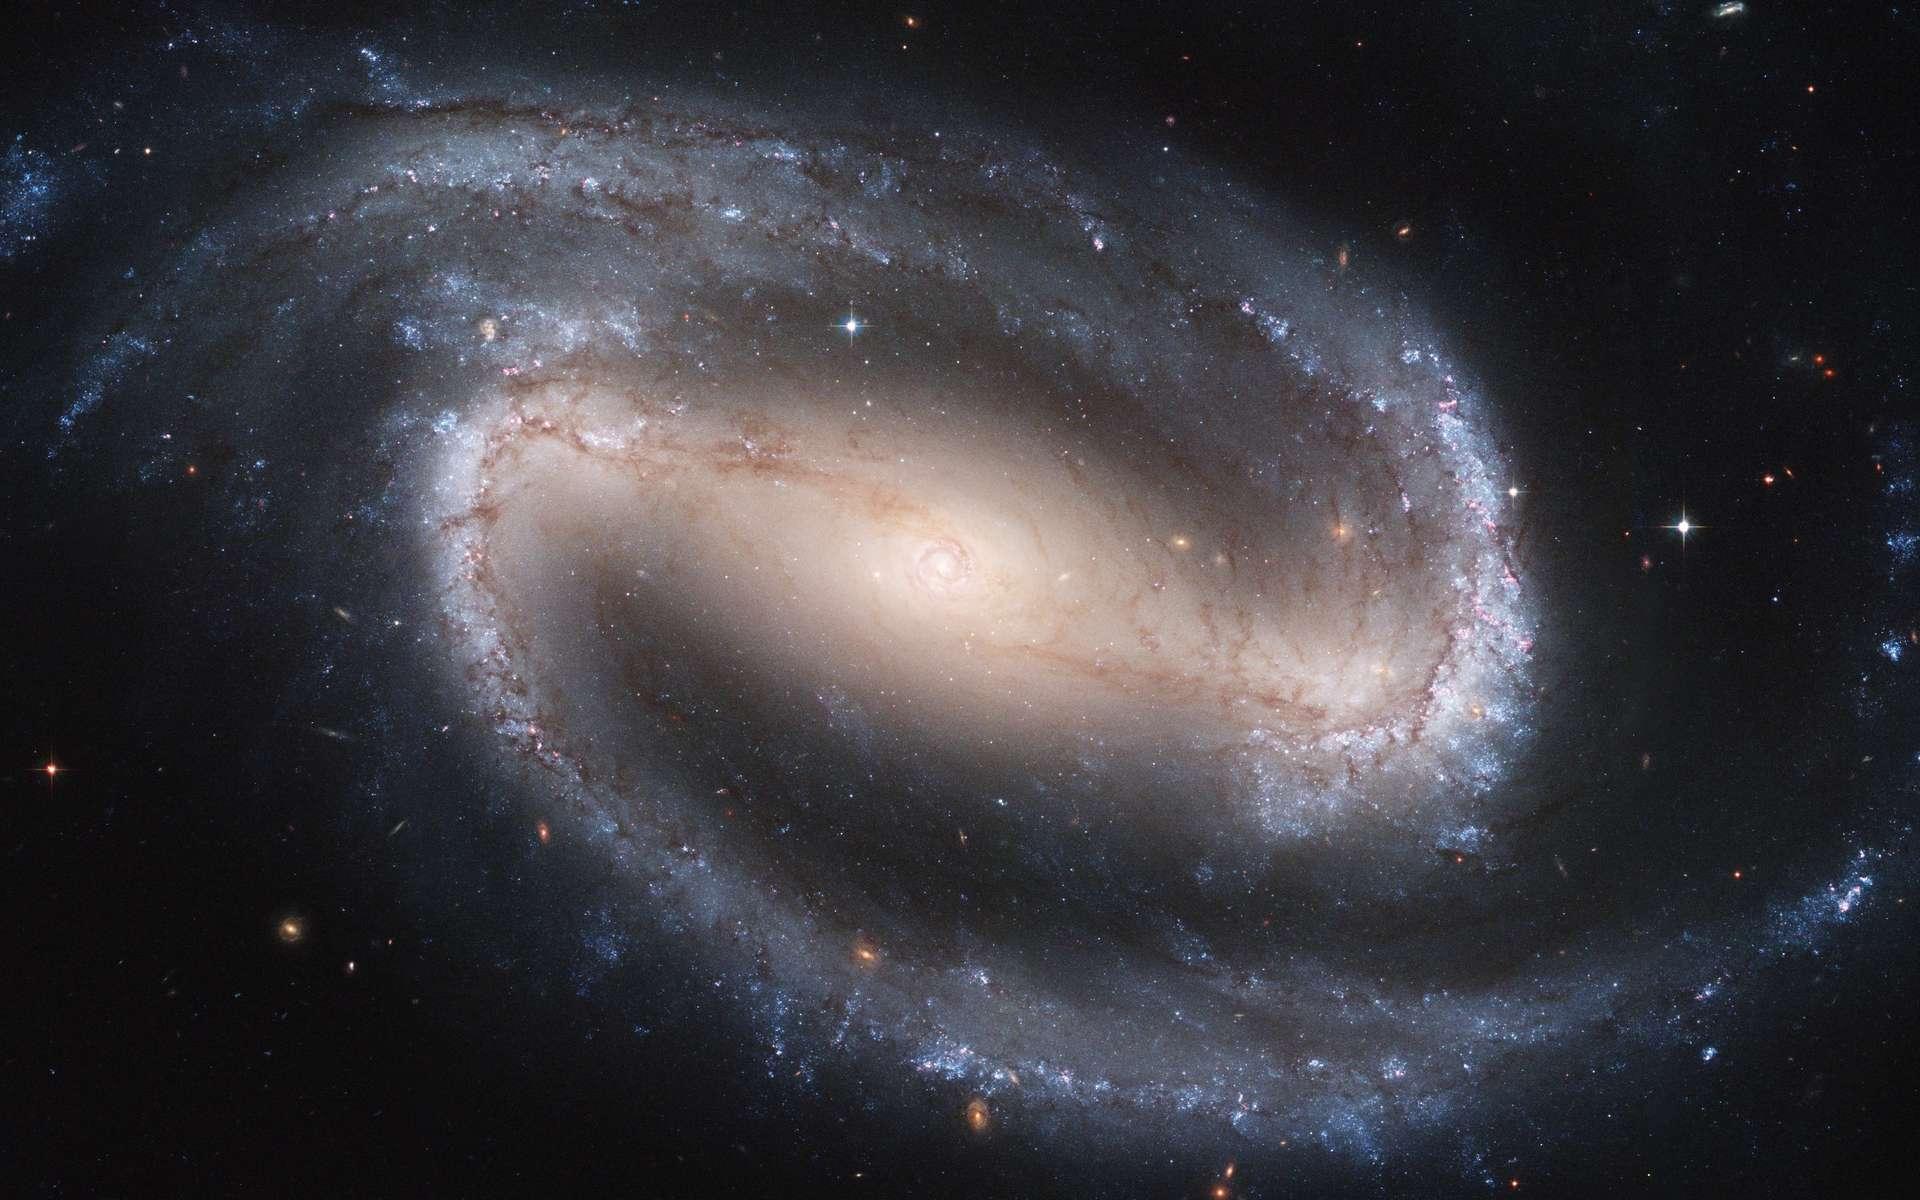 Une photo prise par le télescope spatial Hubble de NGC 1300. Cette galaxie spirale barrée est située à 69 millions d'années-lumière de nous en direction de la constellation de l'Éridan. Elle fait partie de ces galaxies possédant une grande barre centrale. Celle-ci contient une spirale de 3.300 années-lumière. © Wikipédia, DP